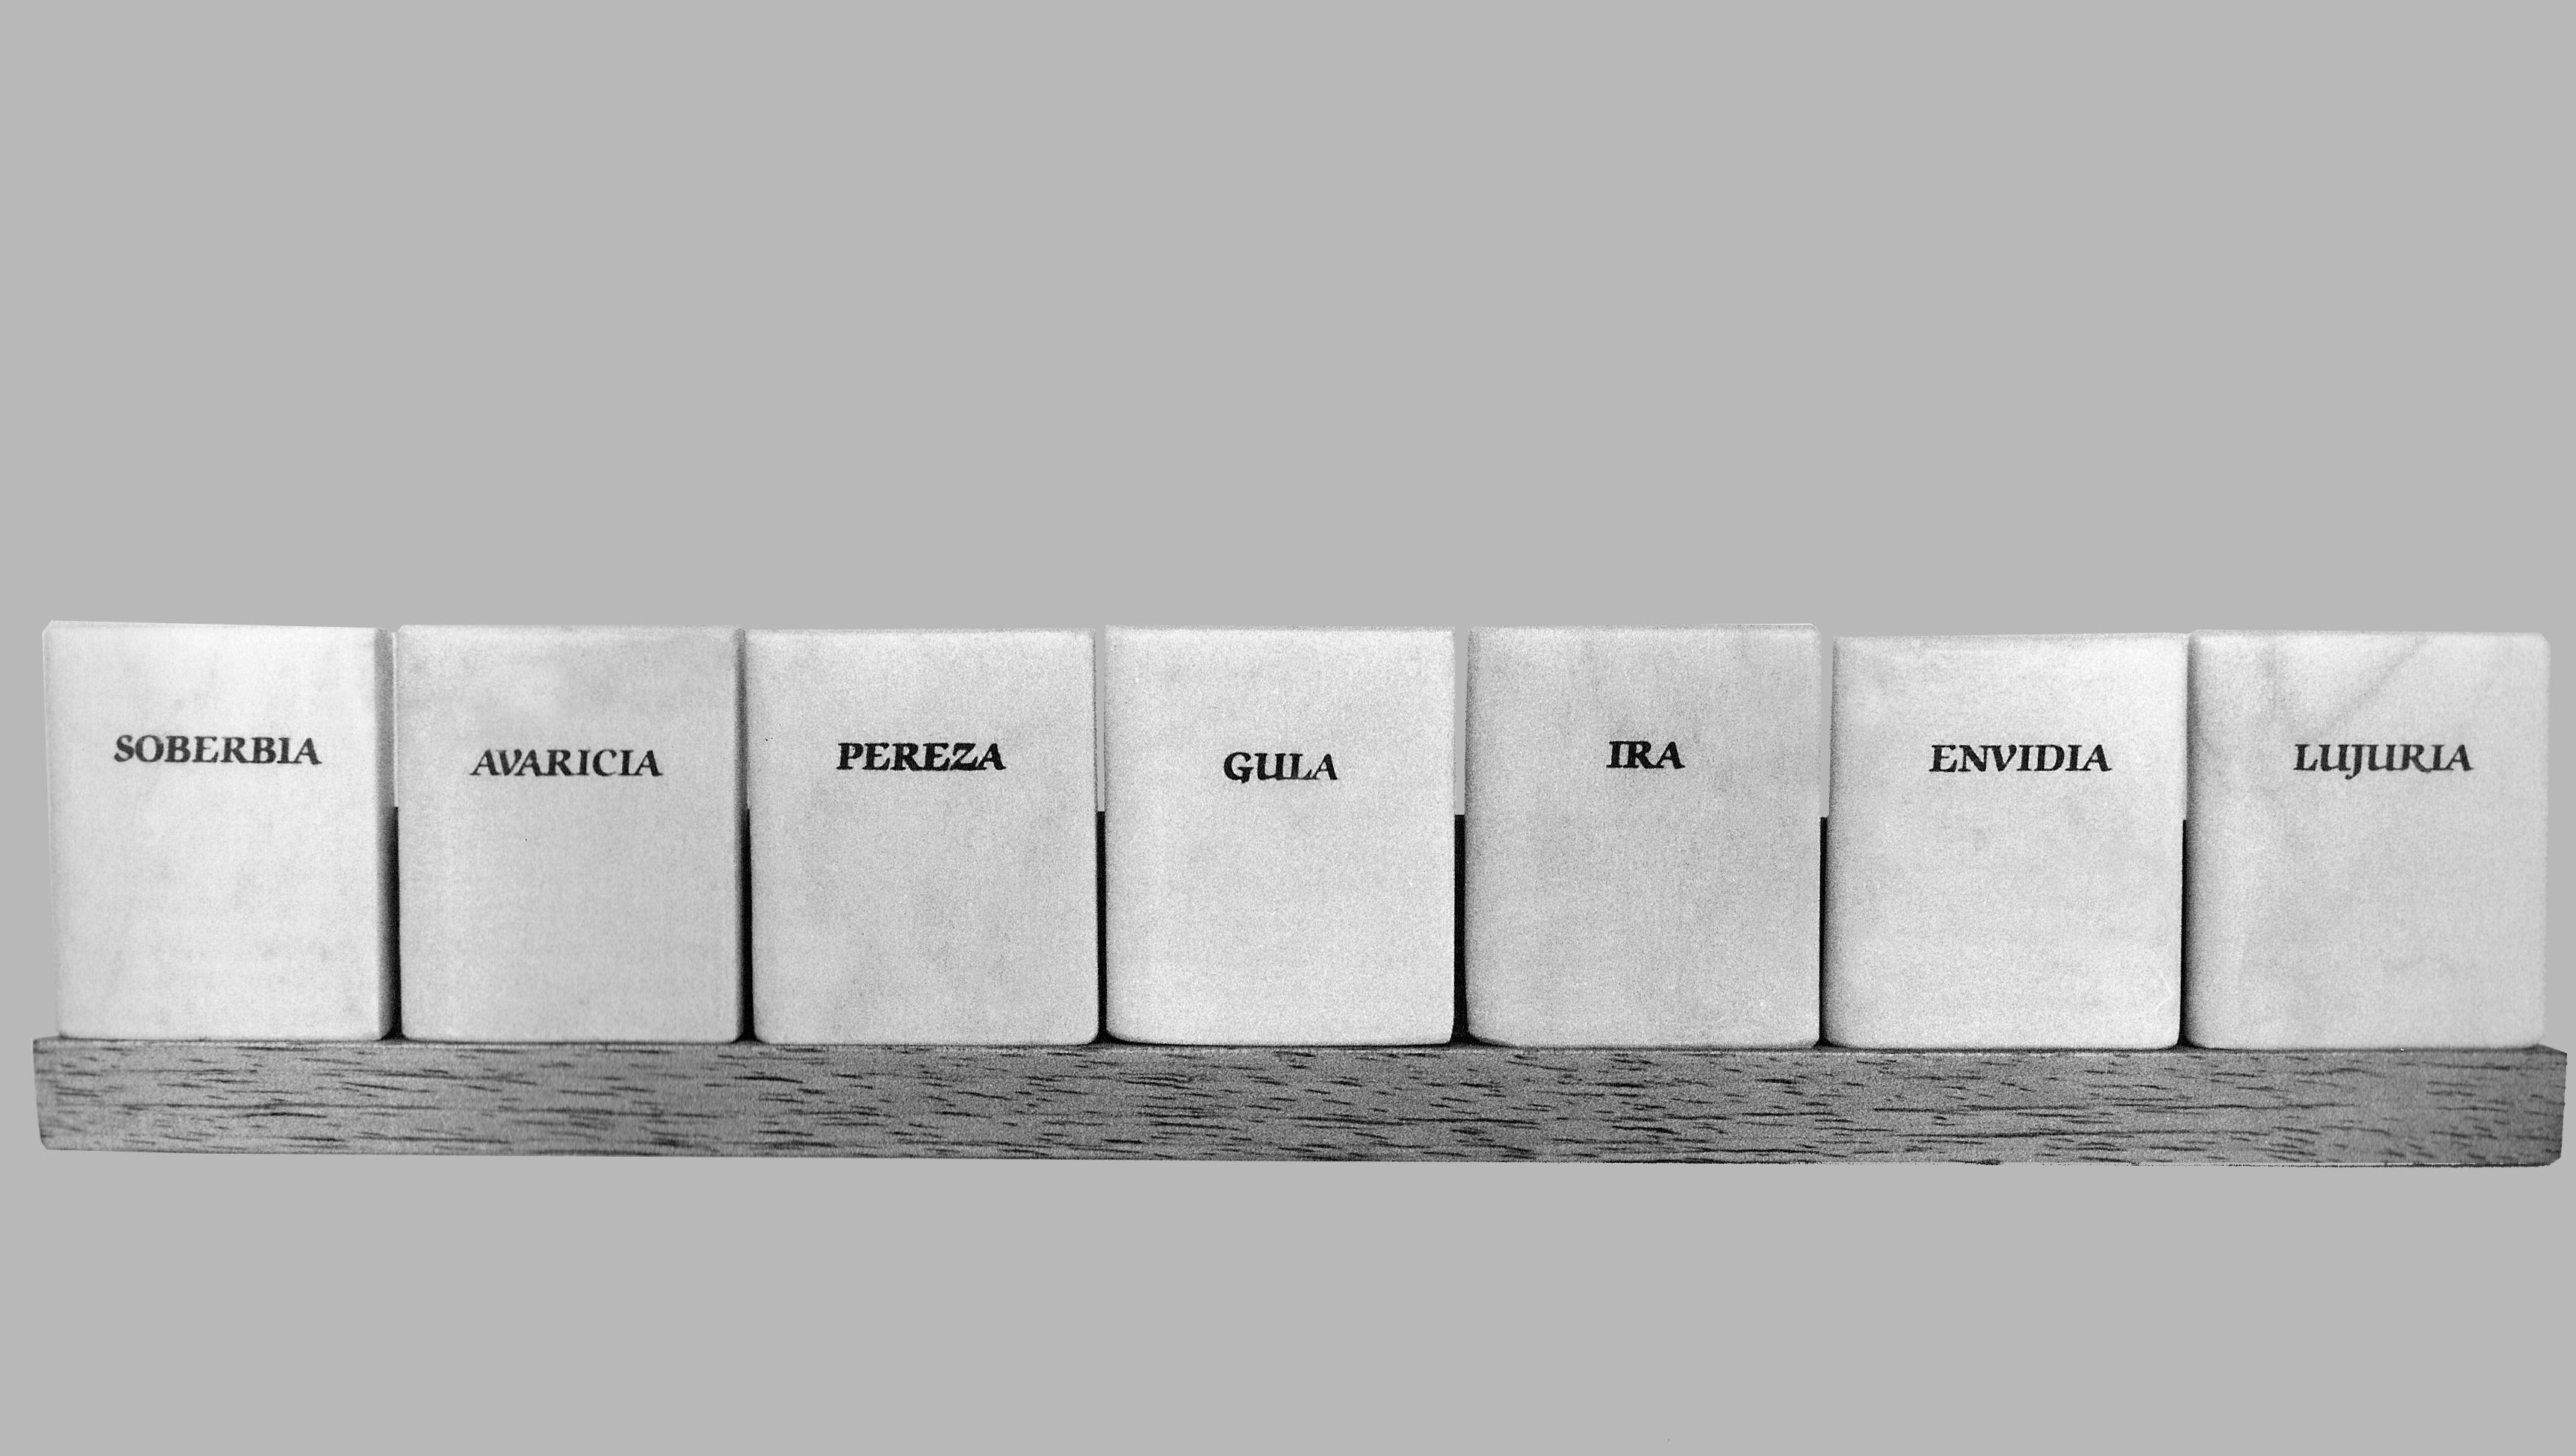 Los Siete Pecados Capitales,libros en mármol de Carrara, 5 cm x 3 cm x 1,5 cm cada uno, 1984